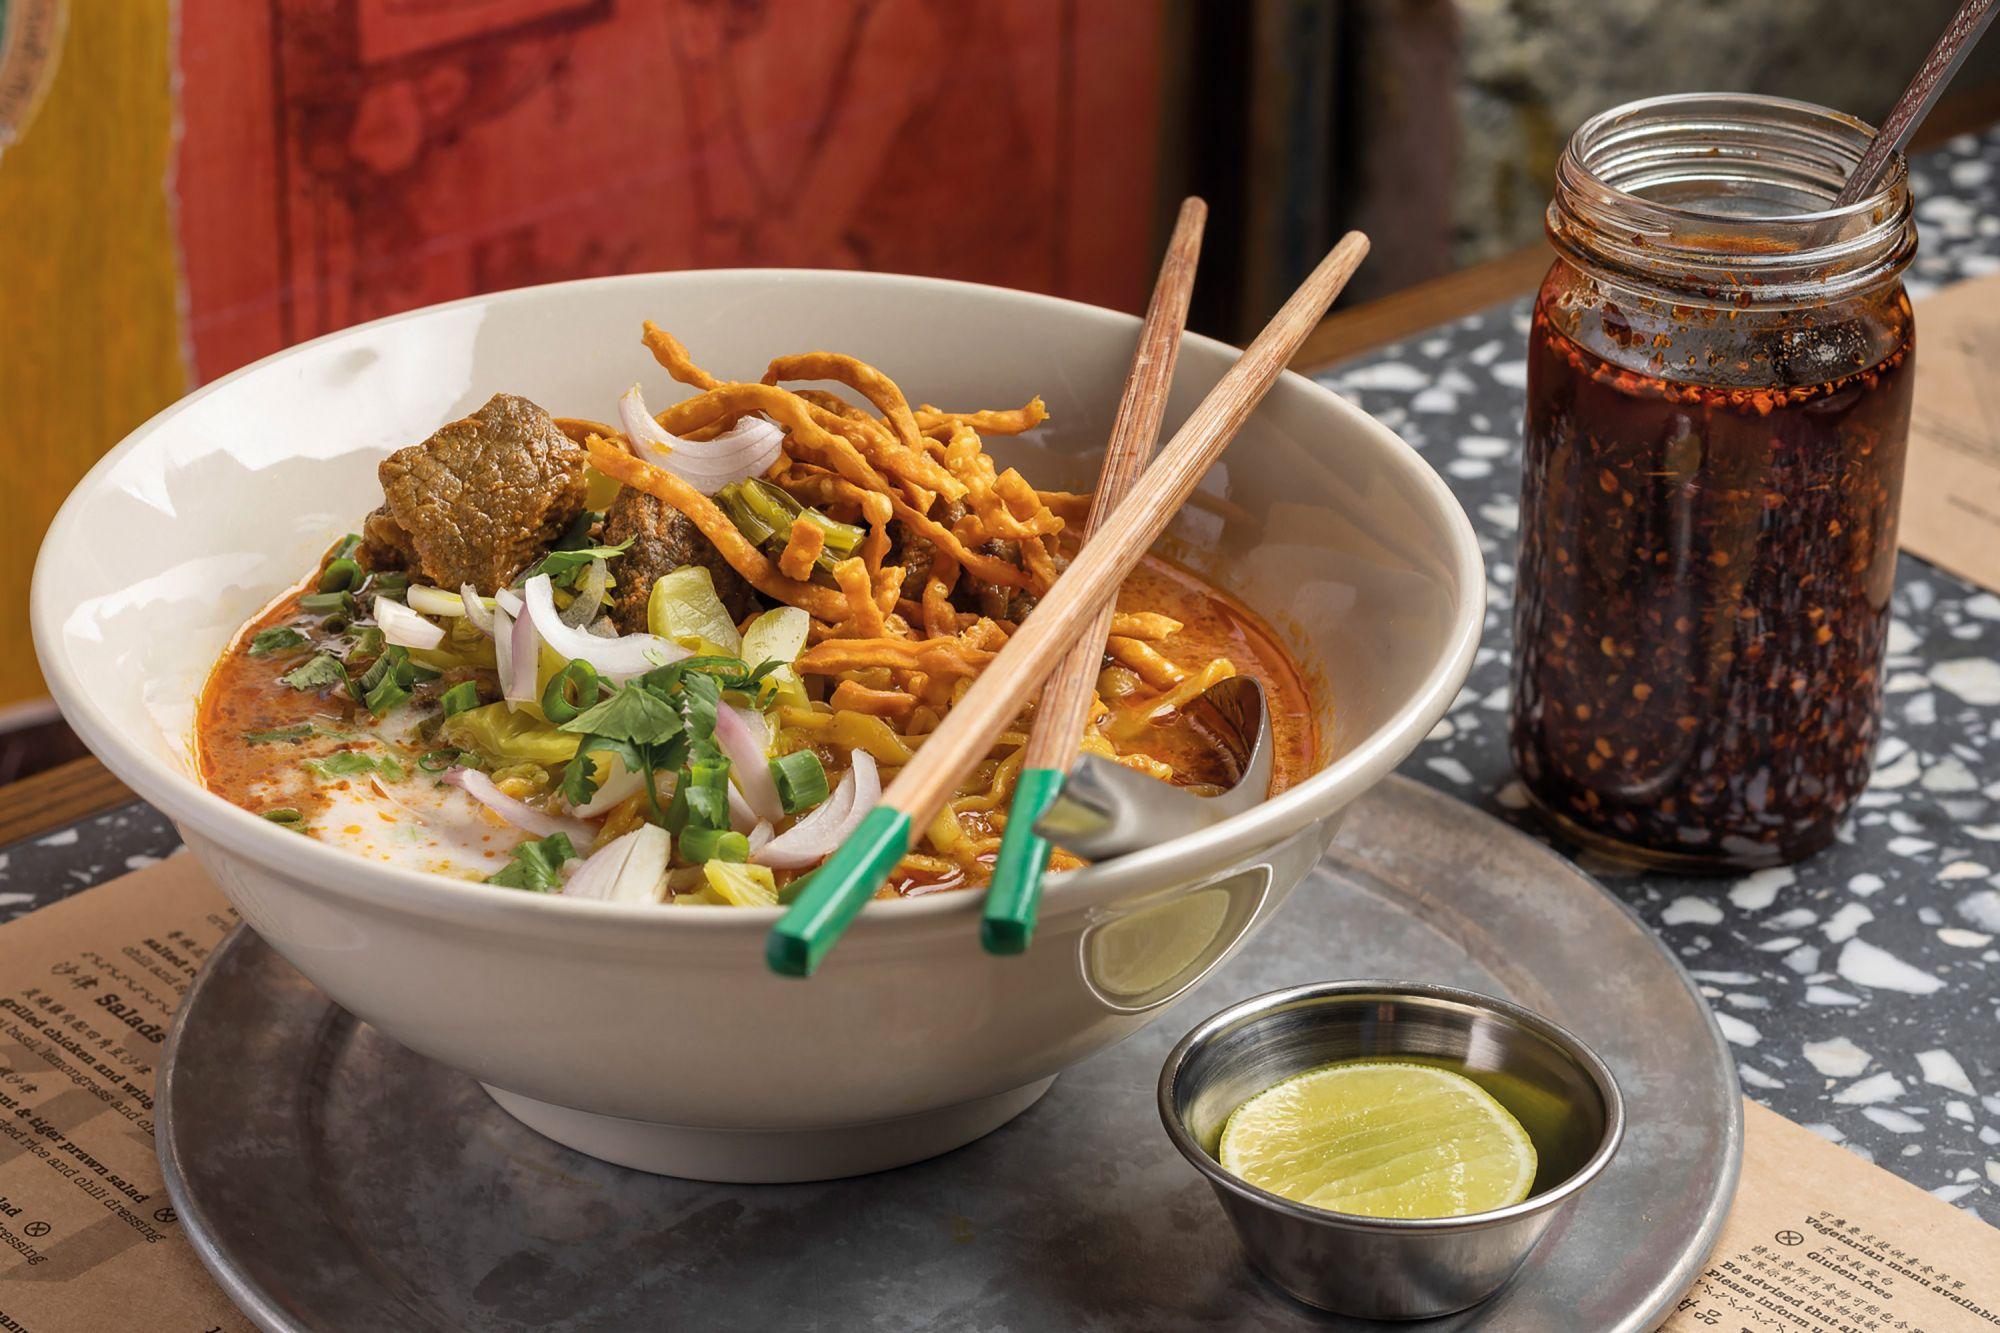 Michelin Guide 2021: 7 Hong Kong Restaurants With A Bib Gourmand